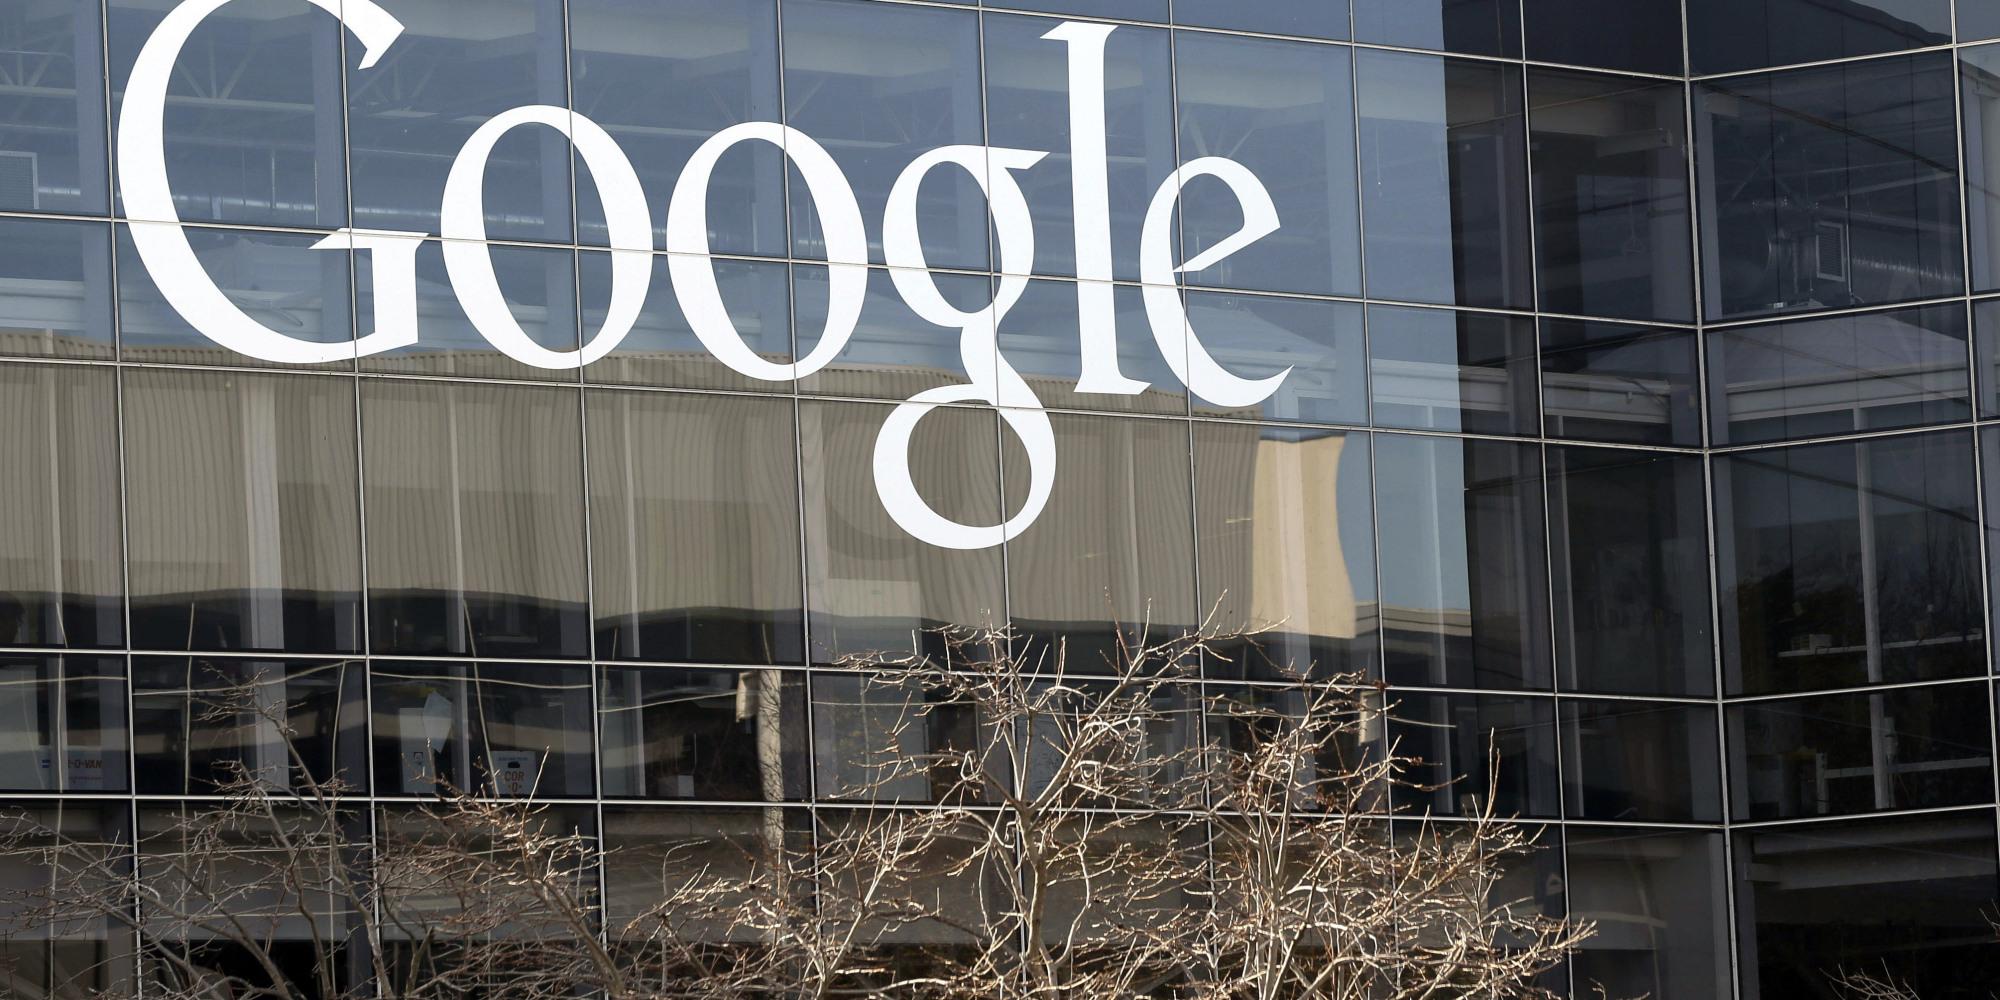 جوجل تستعد لطرح الأفلام بدقة 4K على متجر الألعاب